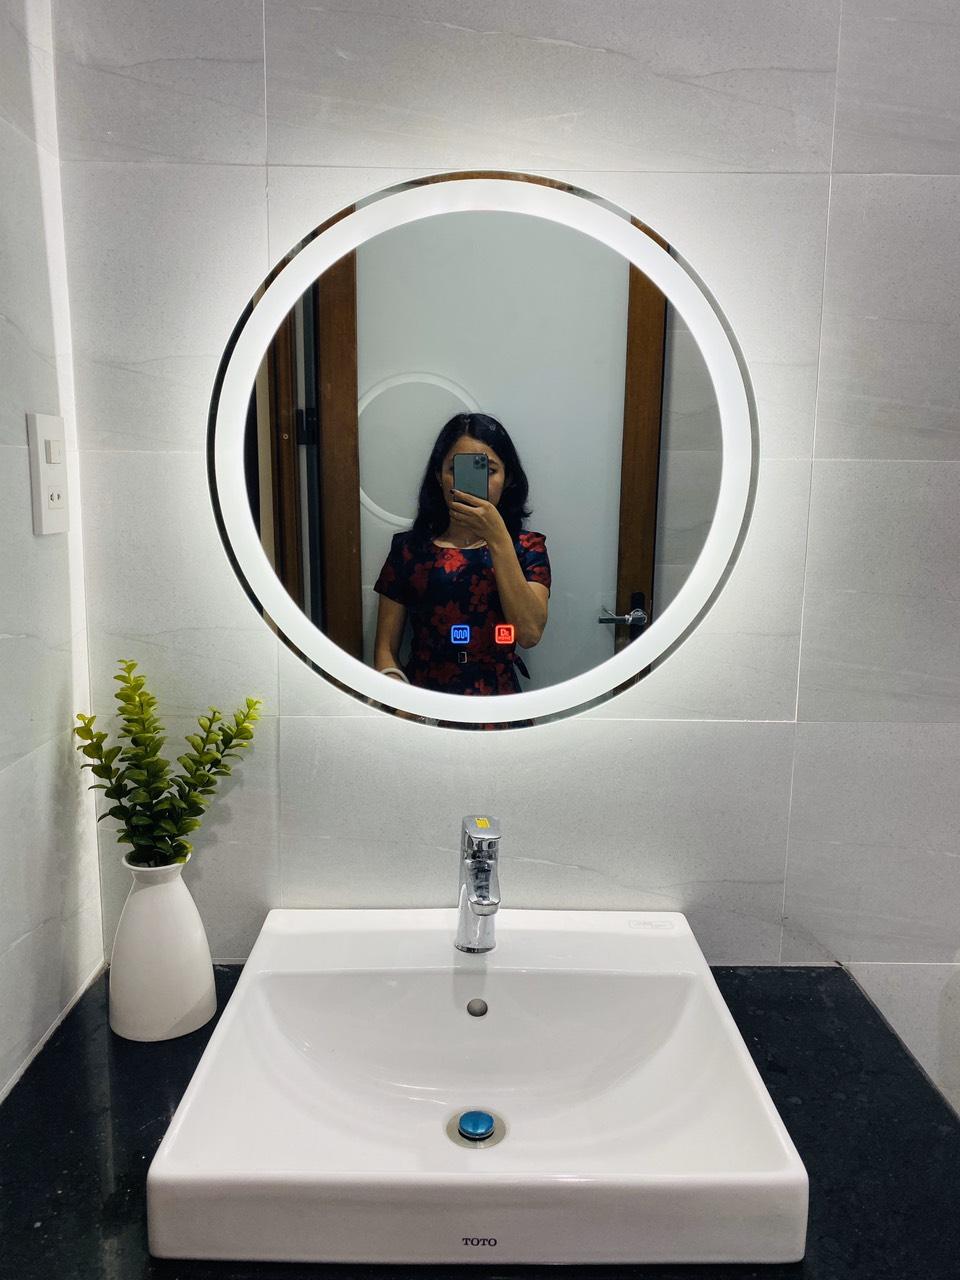 Gương Tròn Phòng Tắm Có Đèn Led Hiện Đại